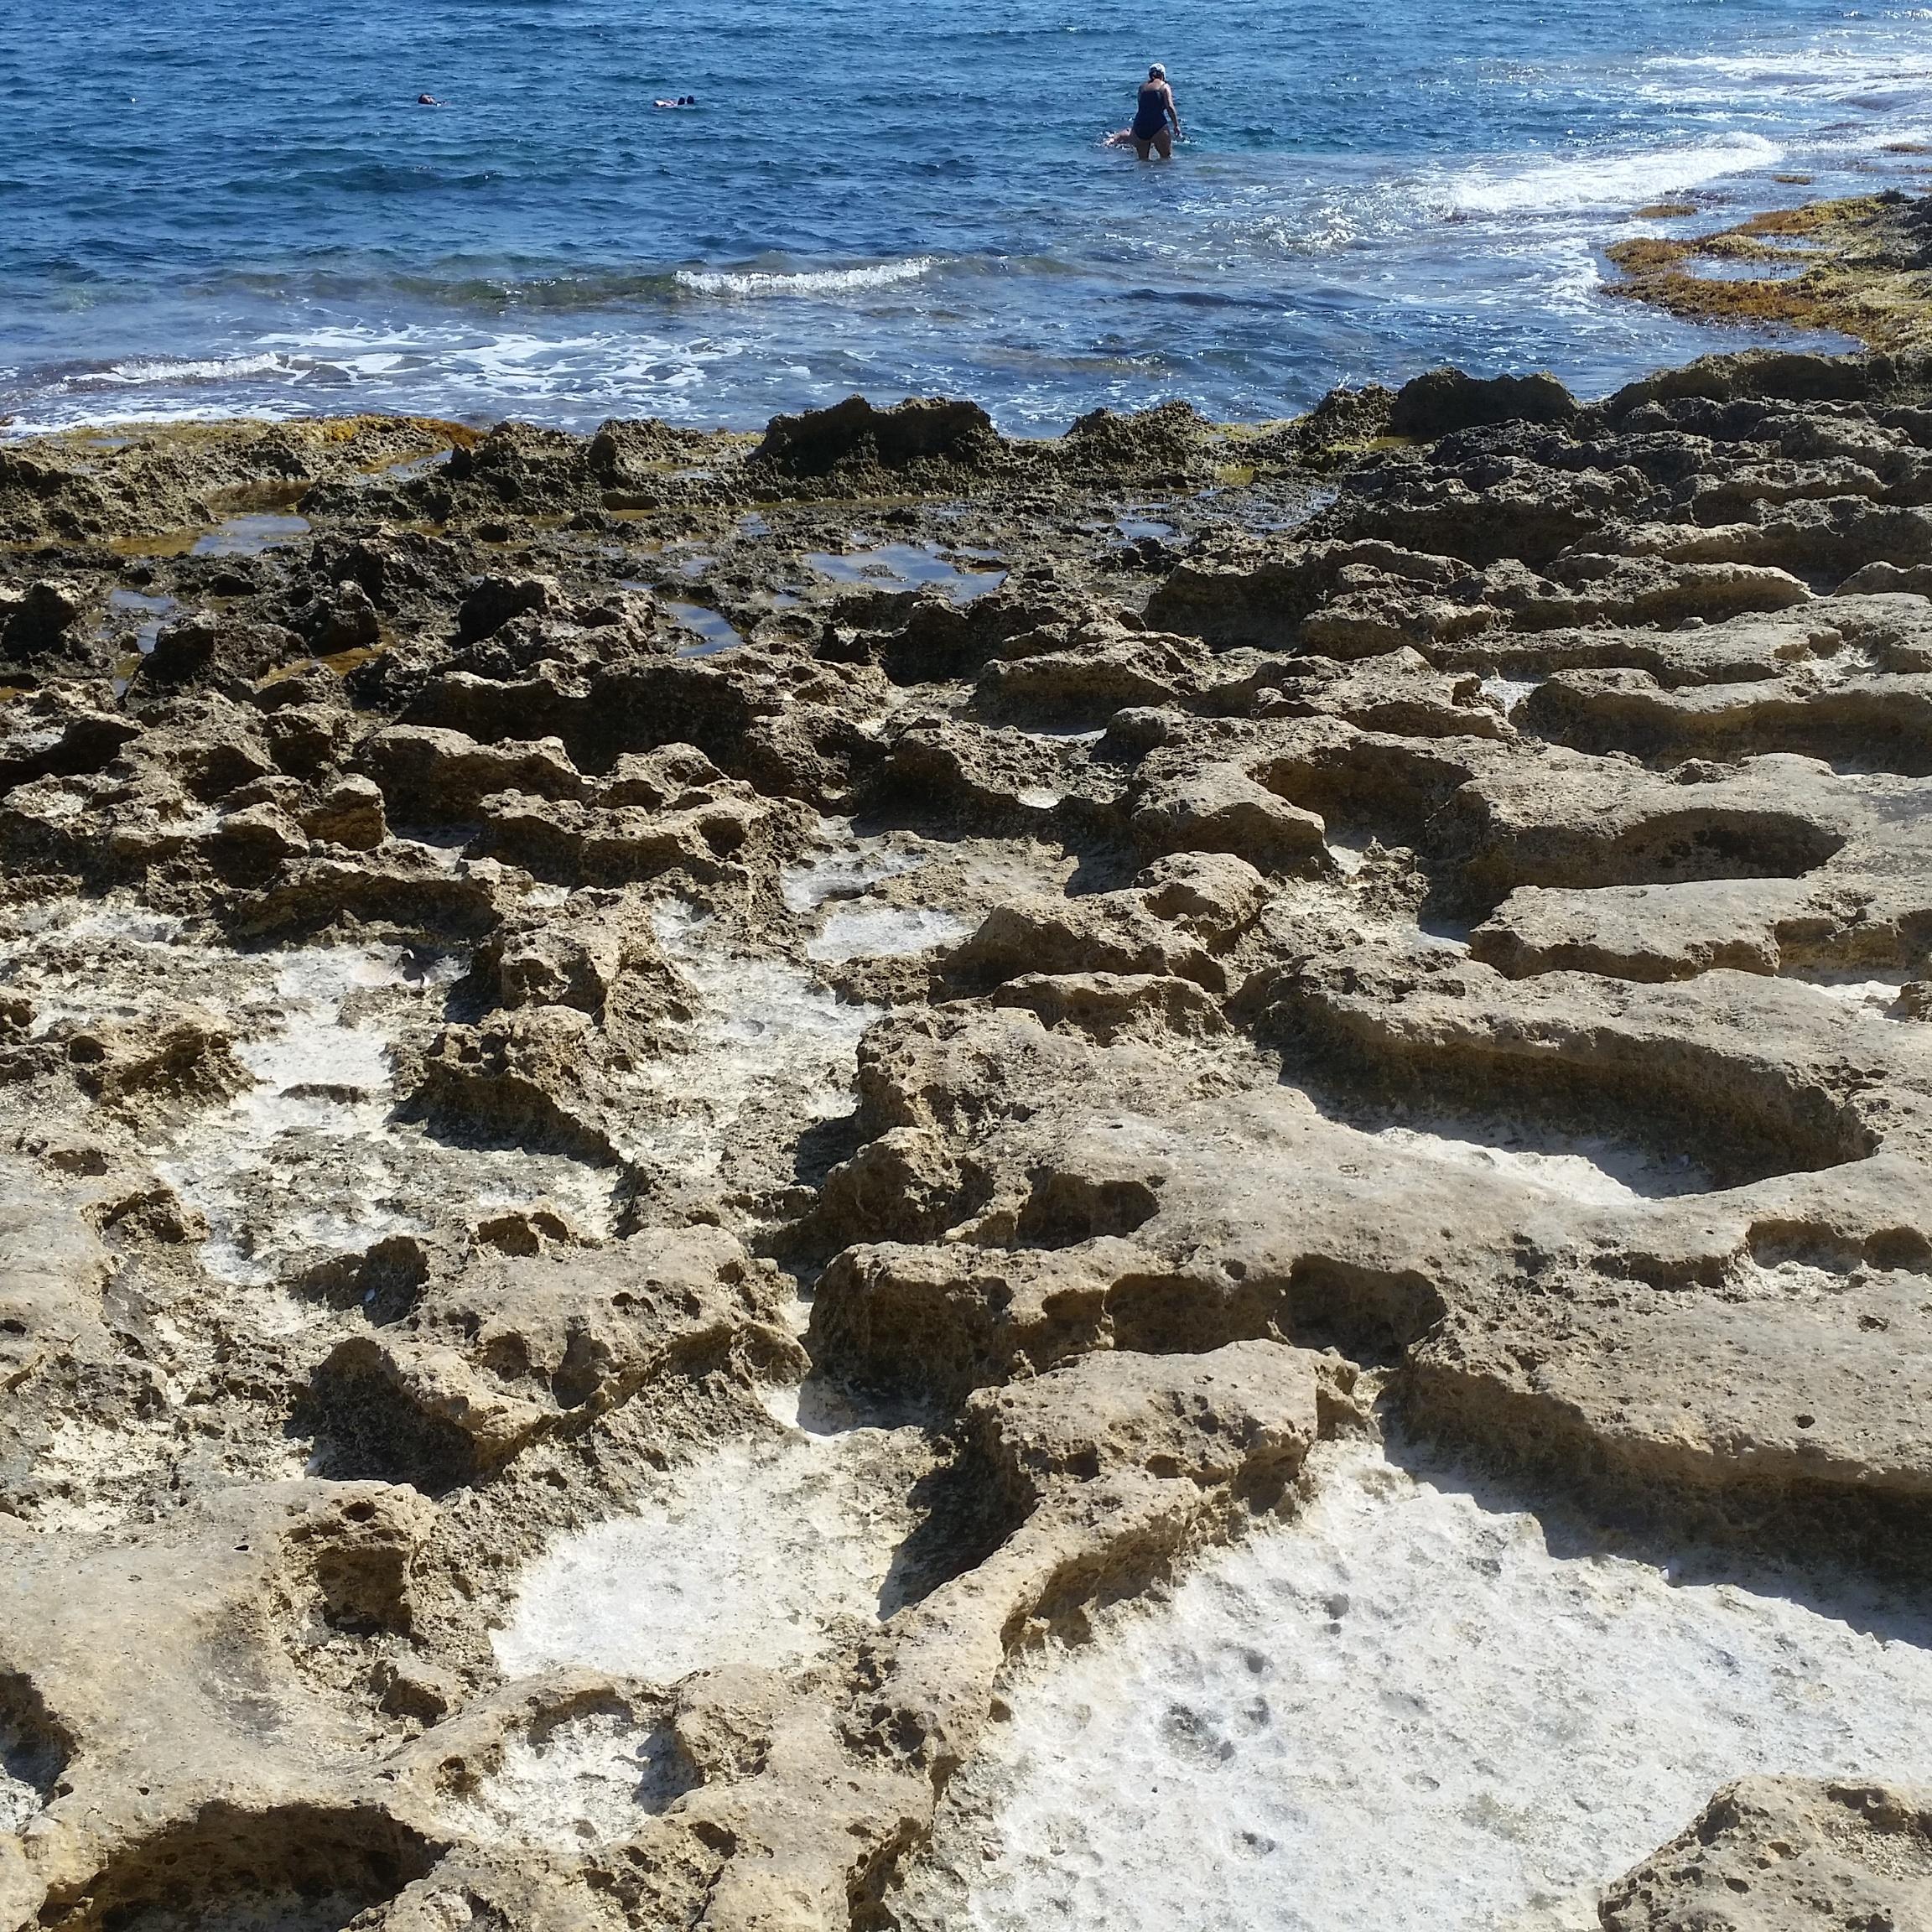 Sand sucht man meistens vergebens...